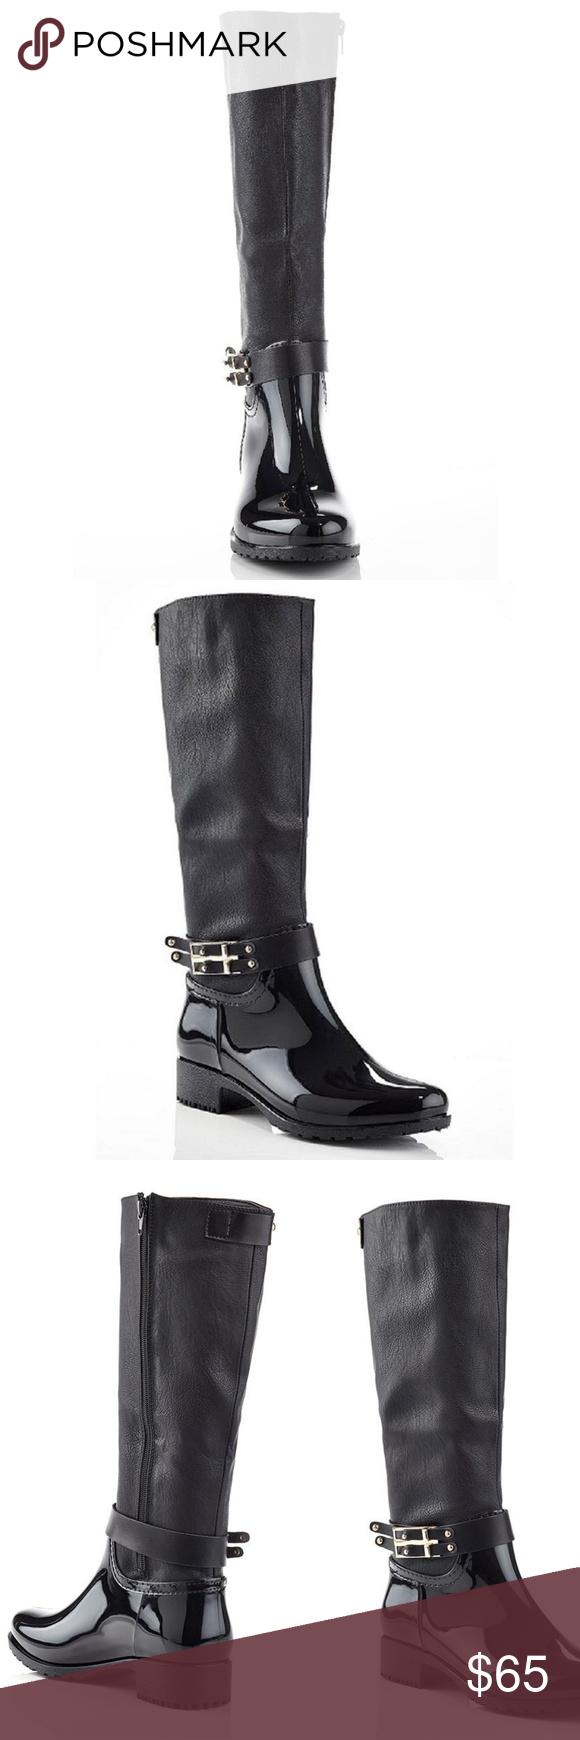 8483259ee80 Snow Tec Waterproof Riding Boot (Queen-2) 6 Black Product Details Snow Tec